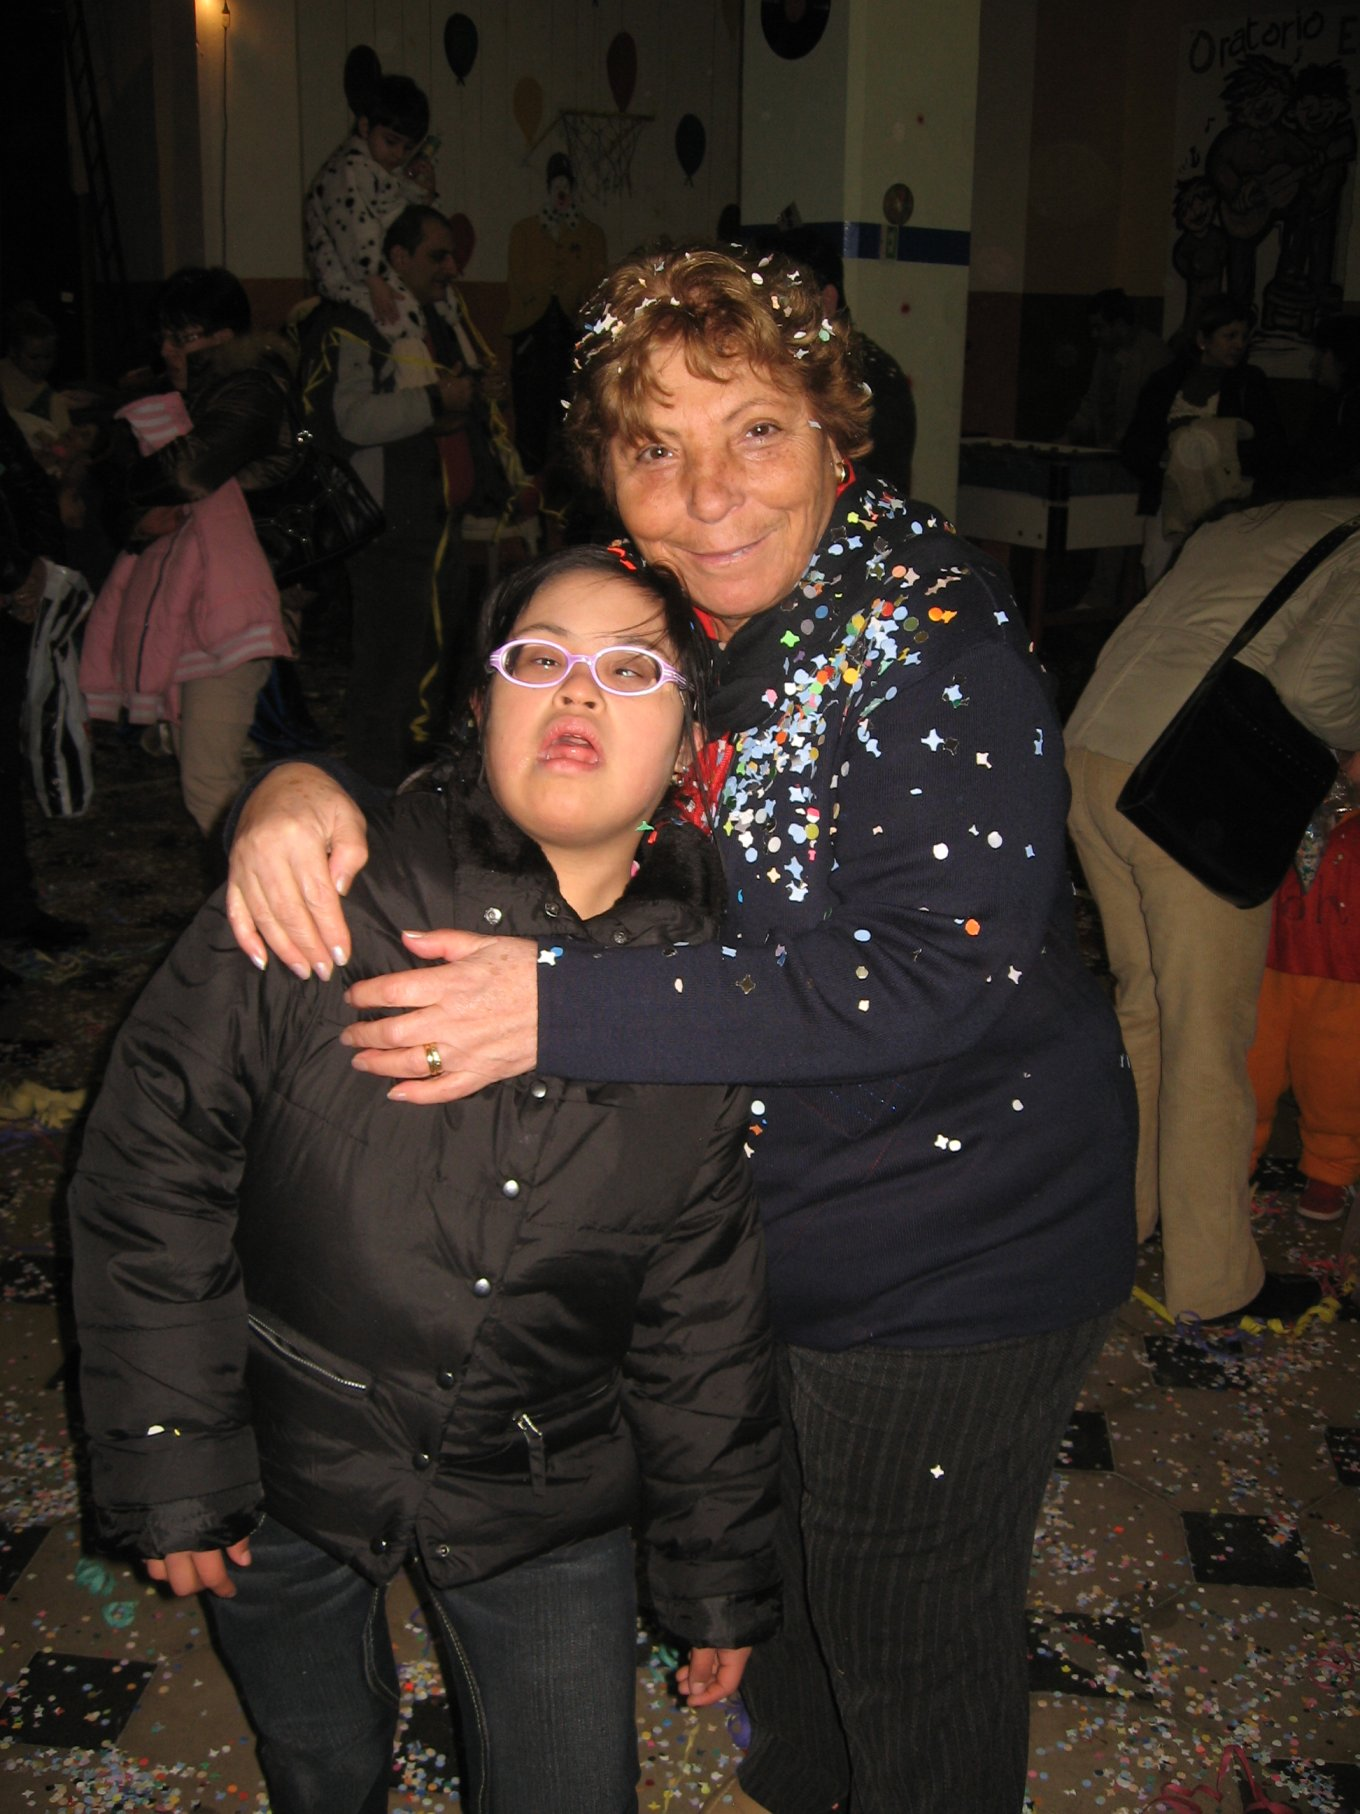 Pentolaccia-2009-02-22--16.54.04.jpg